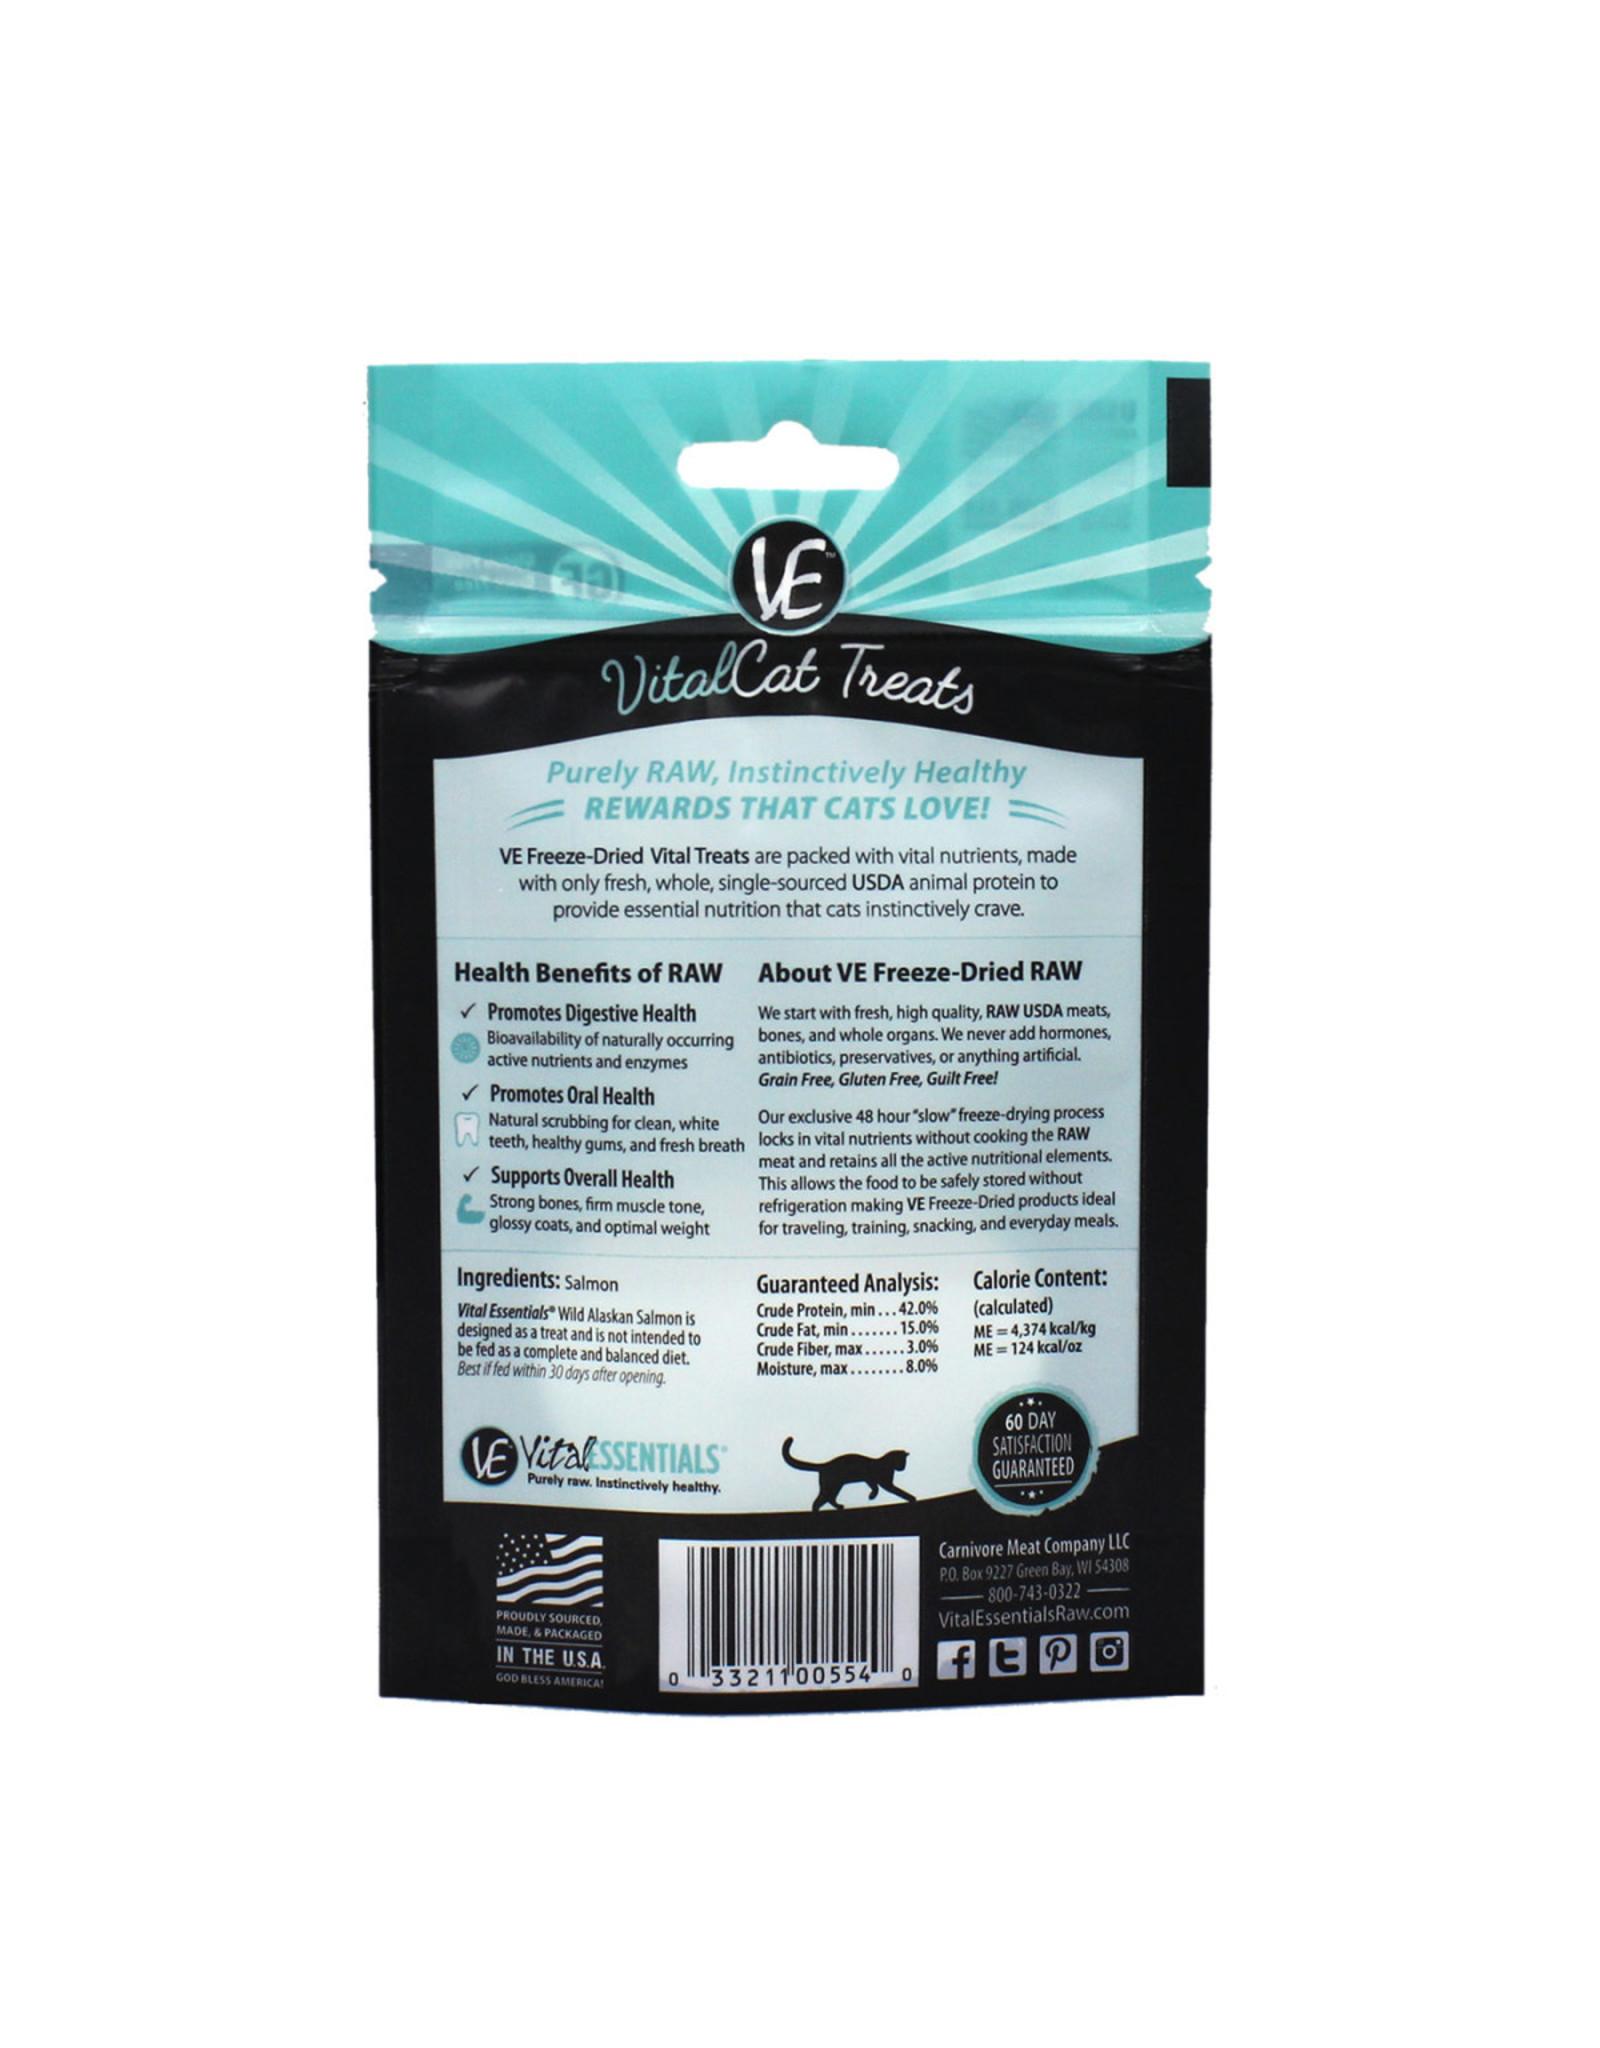 Vital Essentials VITAL CAT FREEZE-DRIED WILD ALASKAN SALMON TREATS 1.1OZ